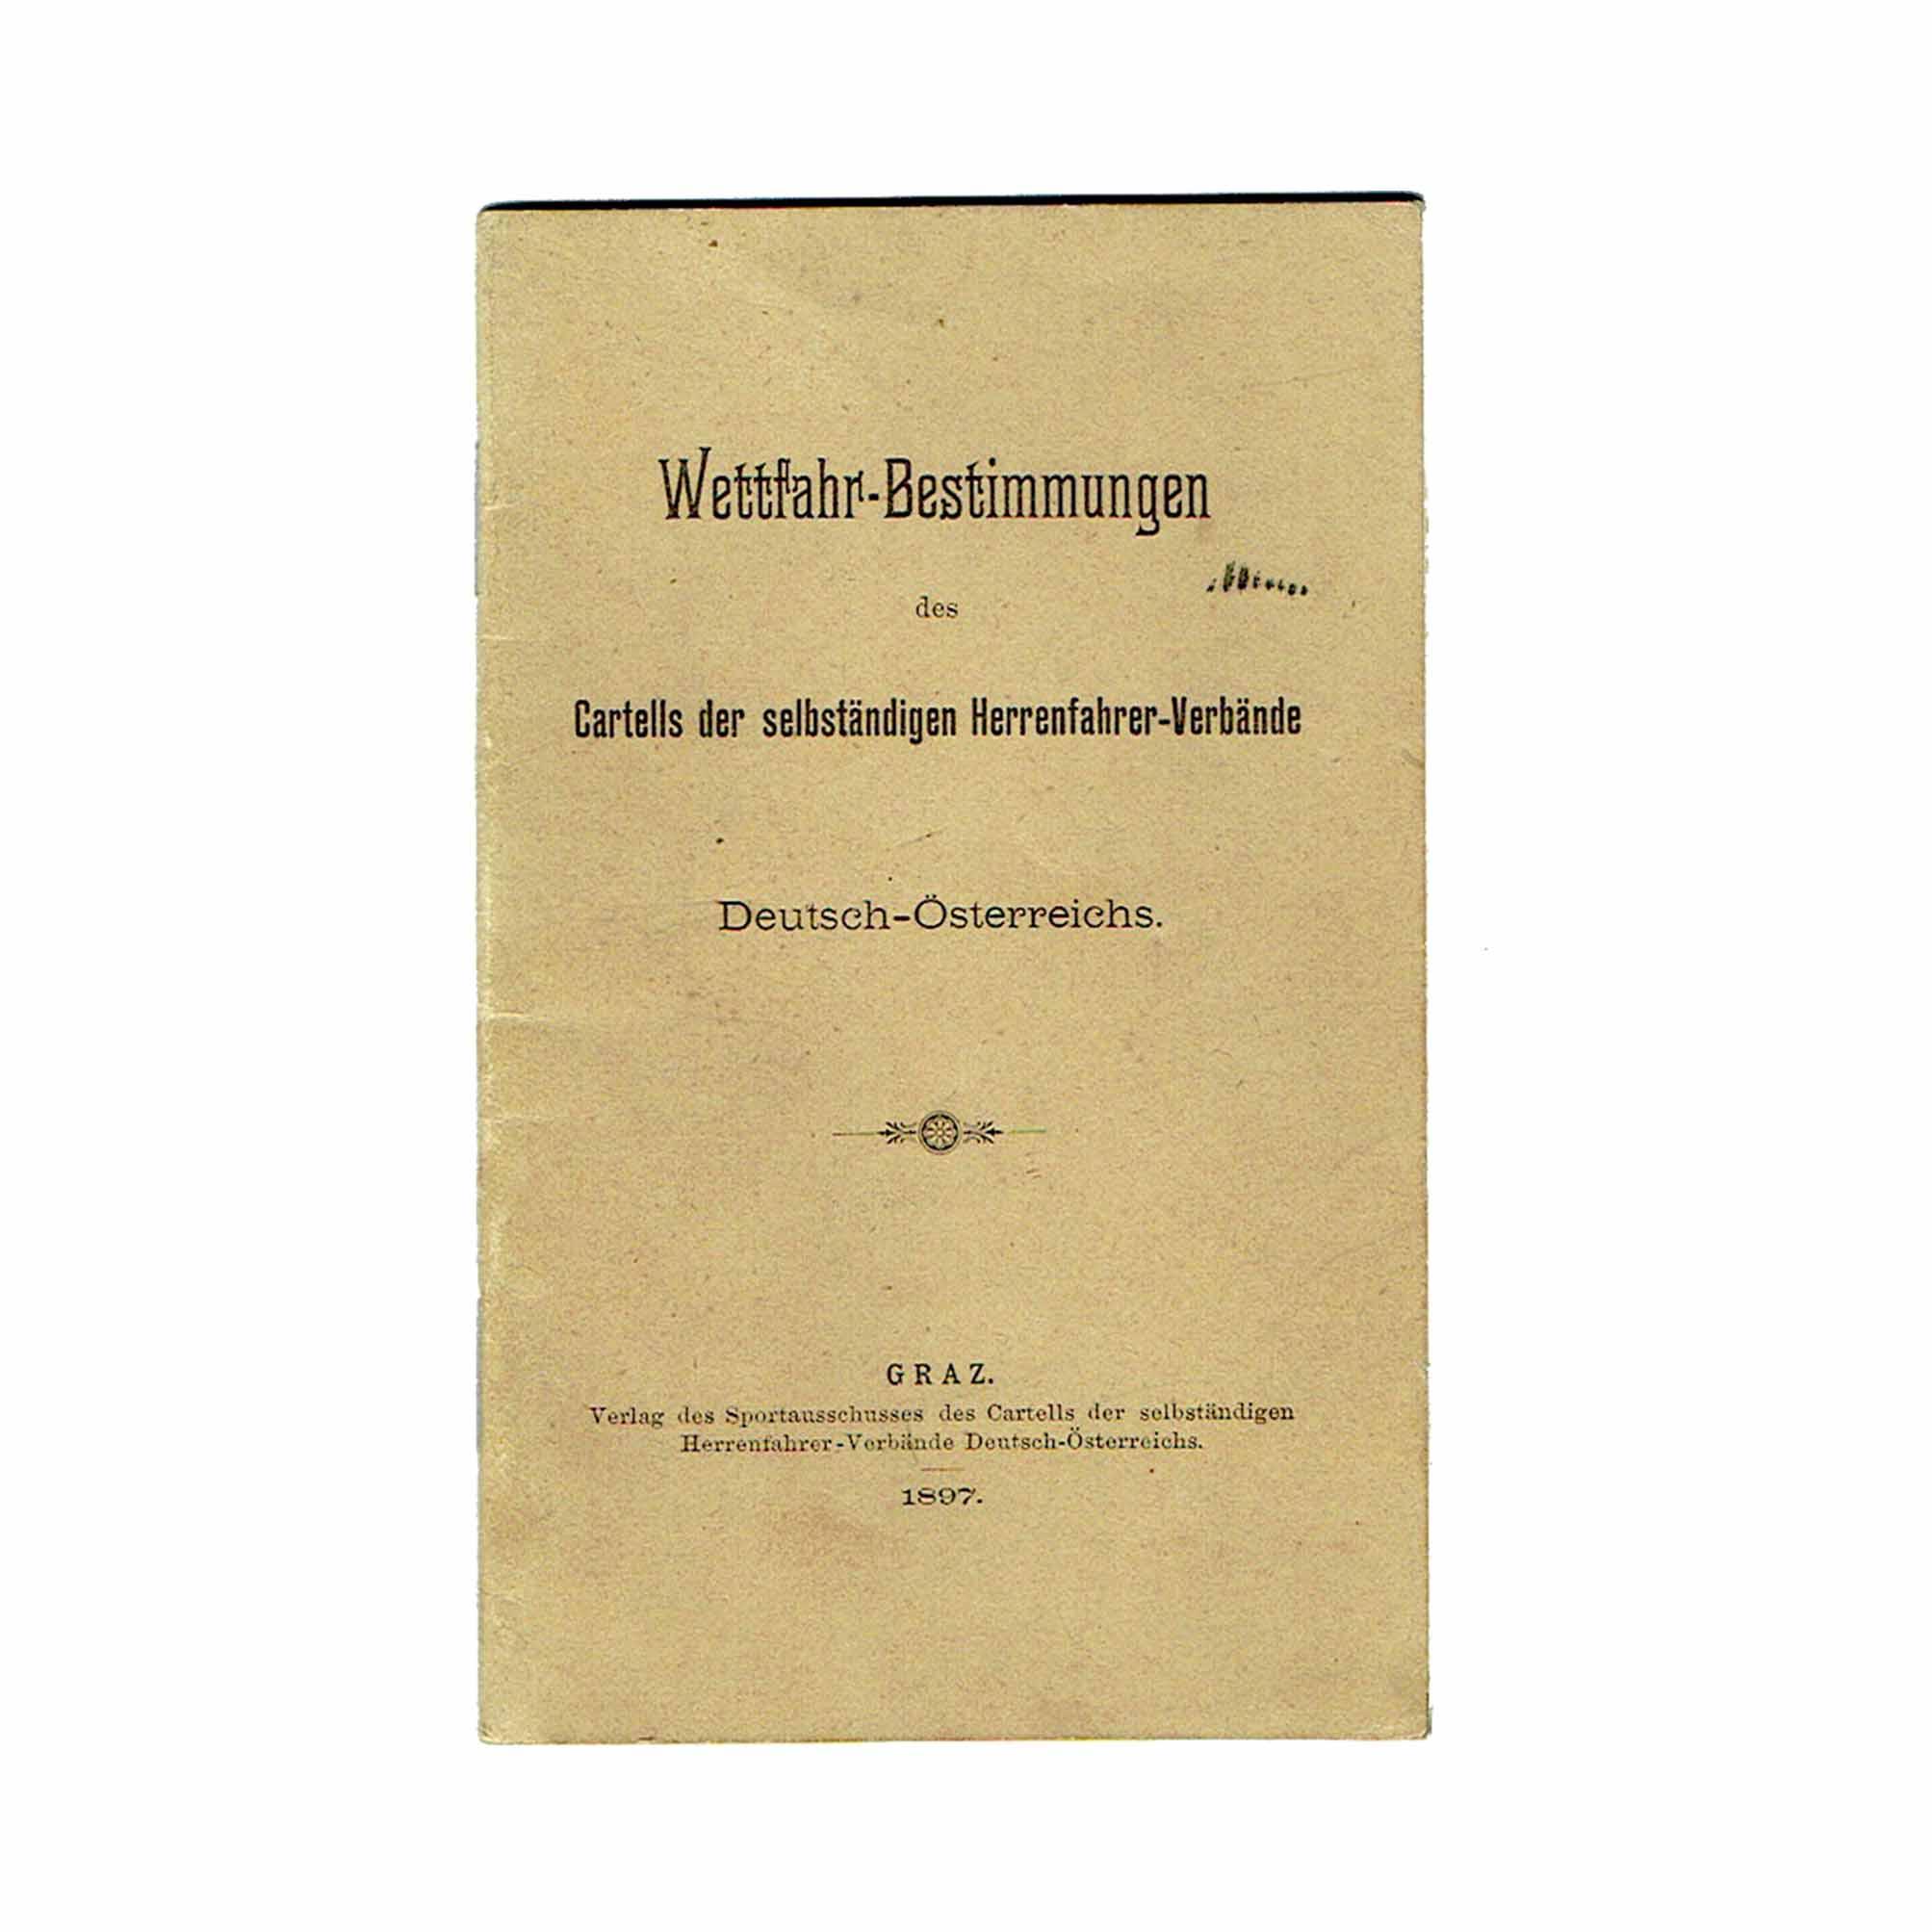 5896-Rad-Herren-Wettfahr-Bestimmungen-1897-frei-N.jpeg